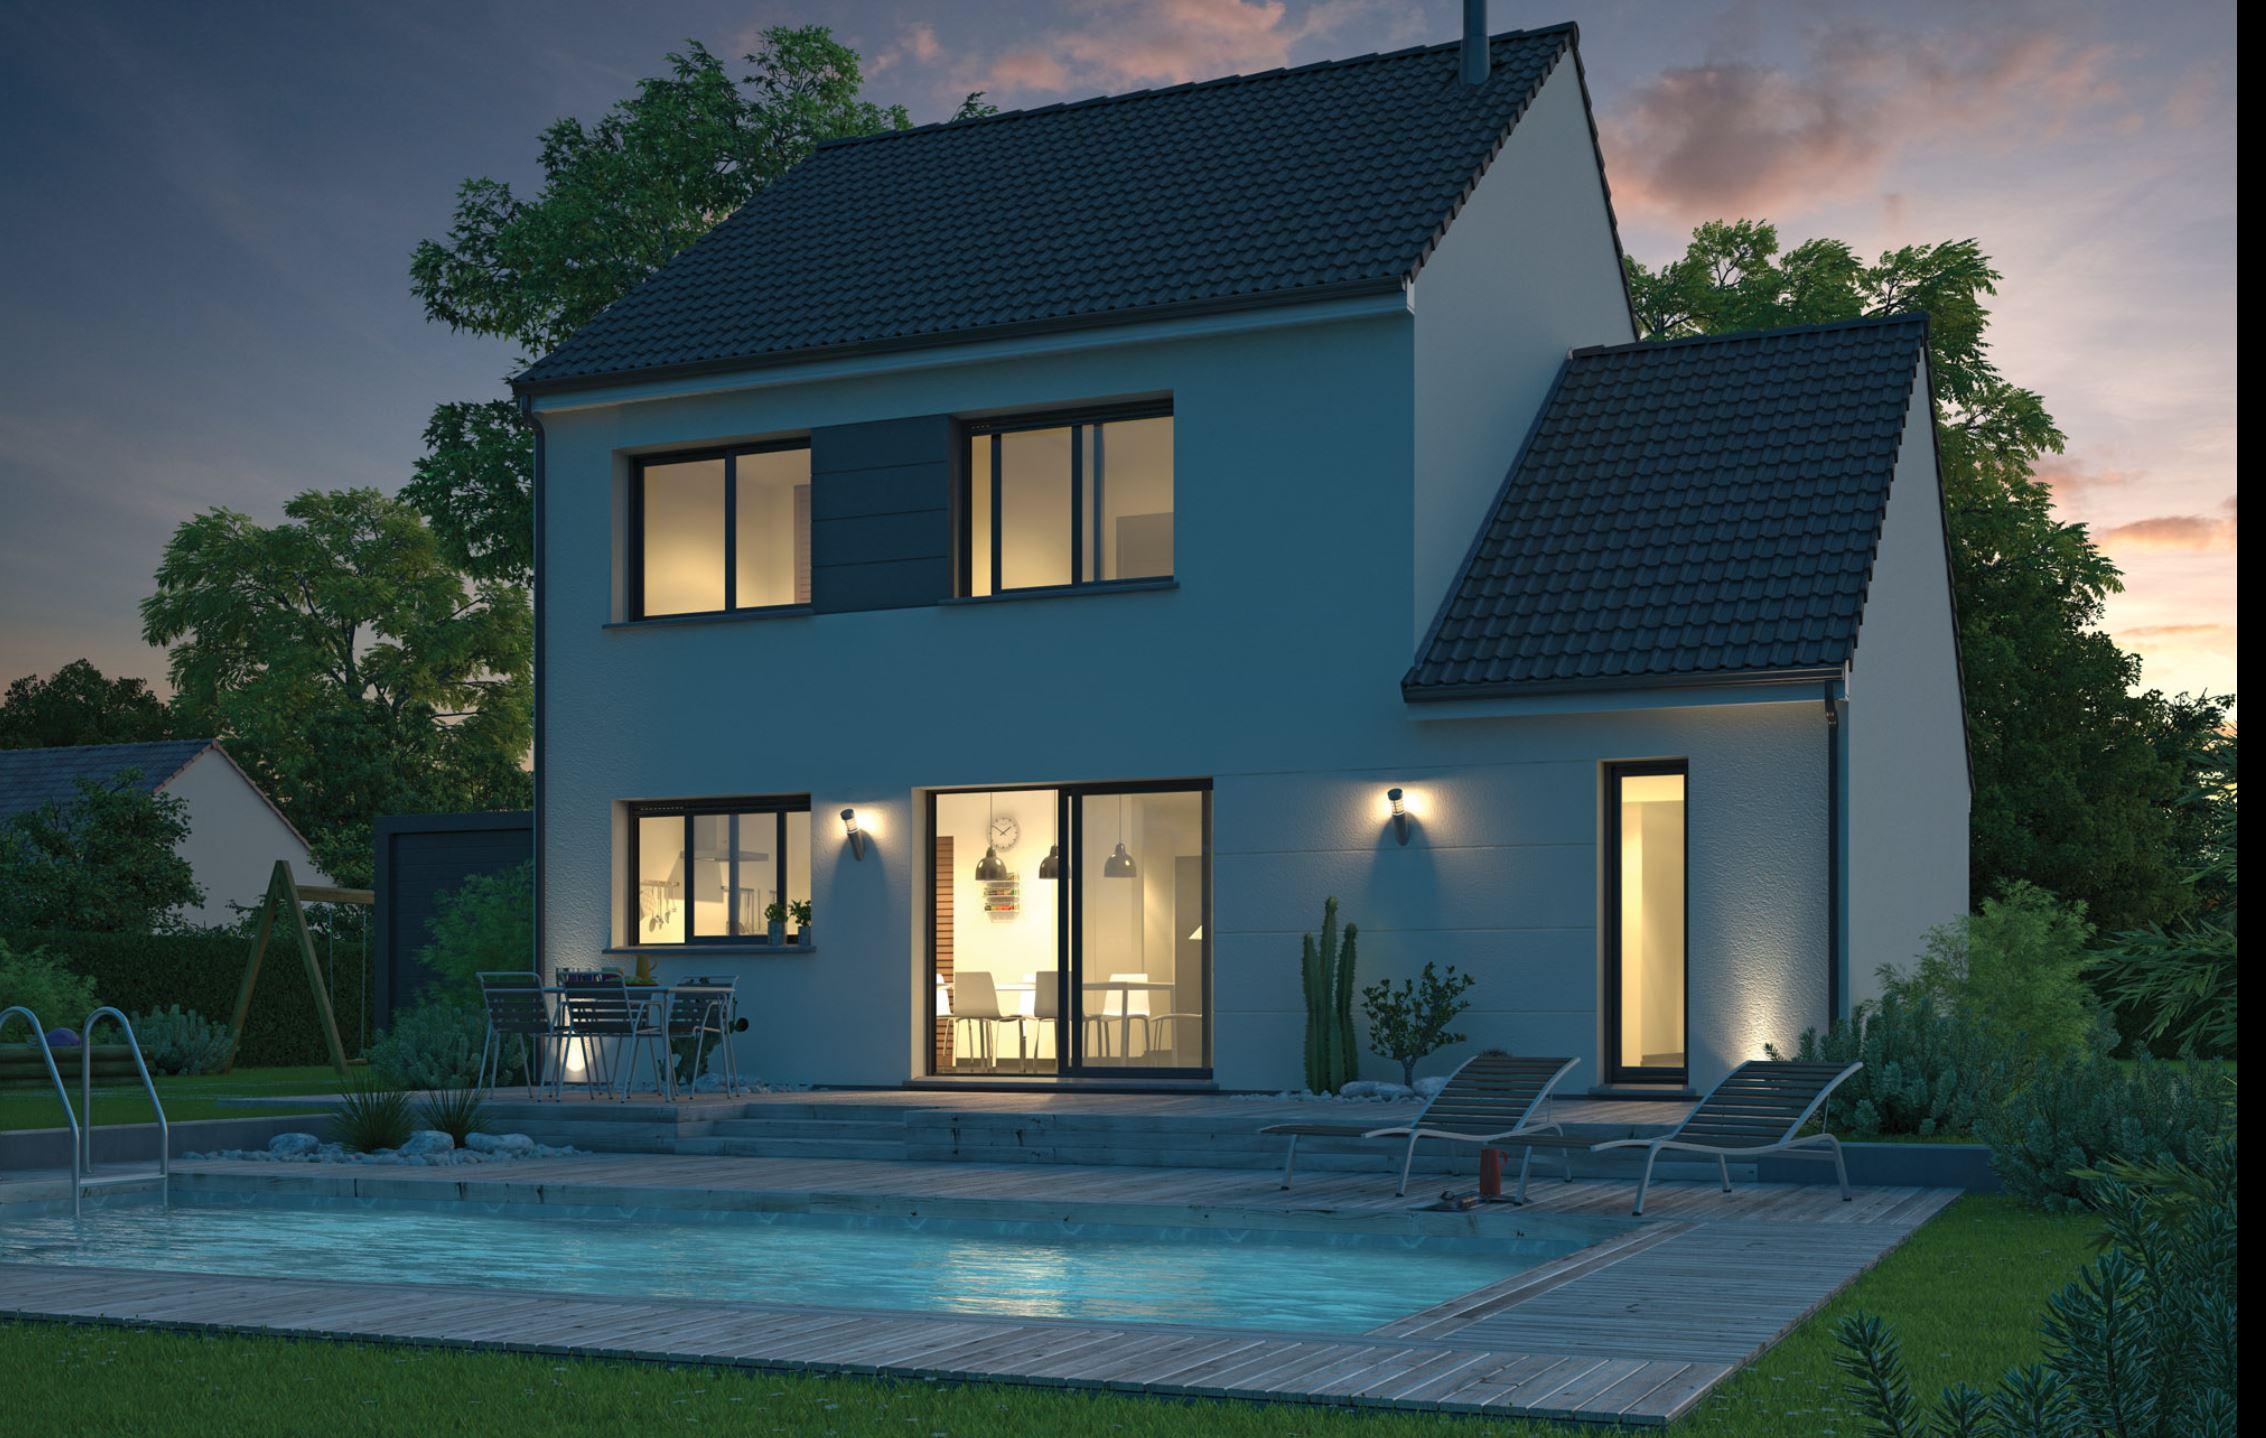 Maisons + Terrains du constructeur Maison Familiale Toulouse • 109 m² • MERVILLE